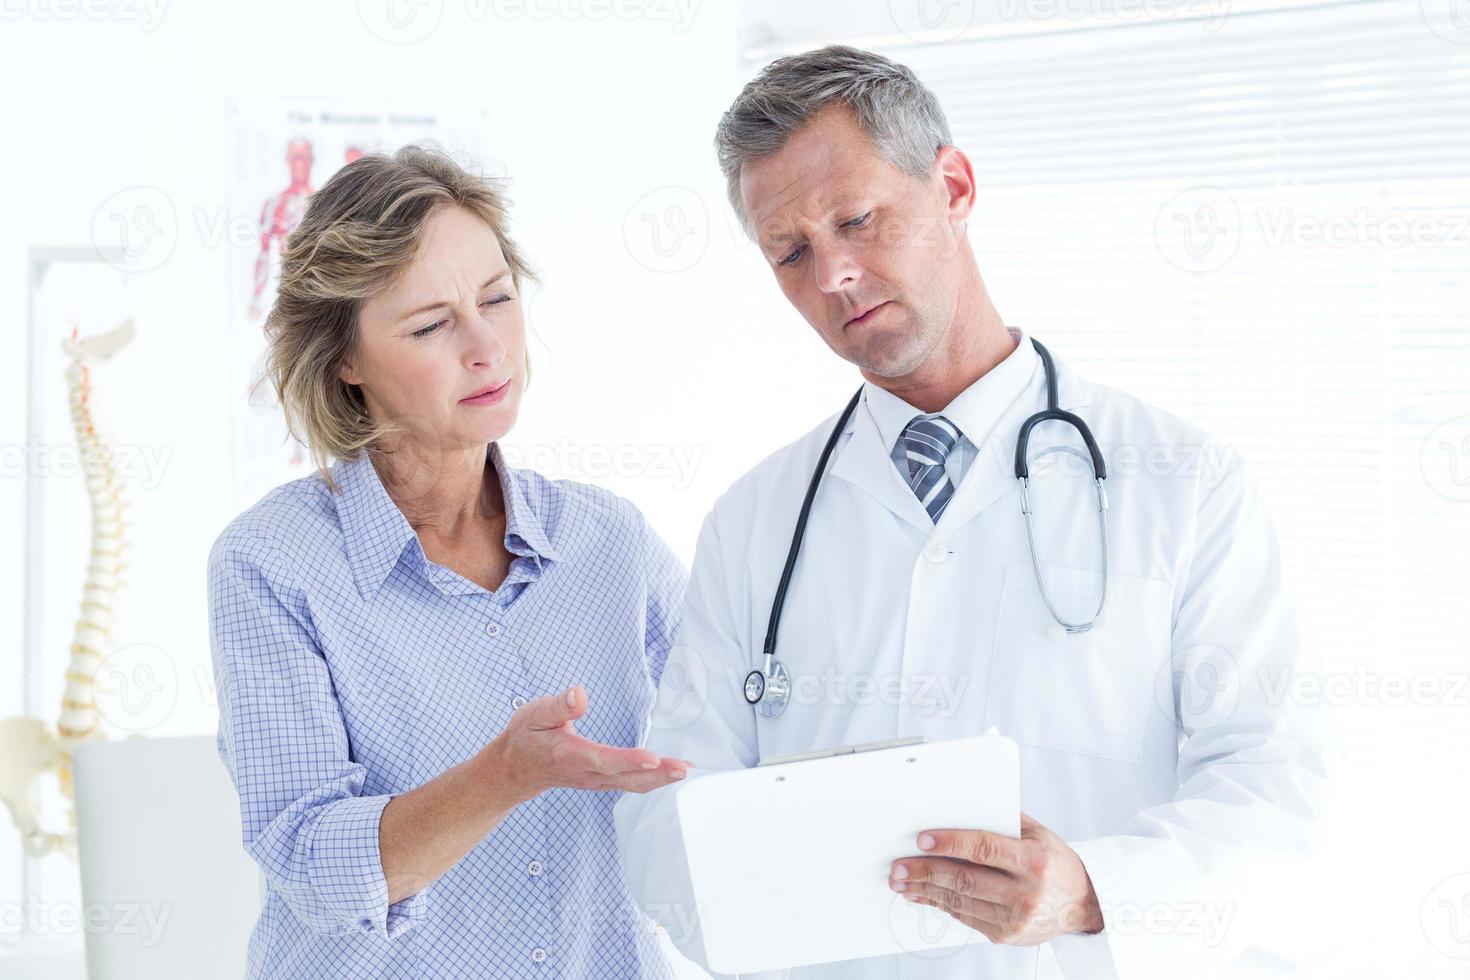 arts die zijn aantekeningen toont aan de patiënt foto